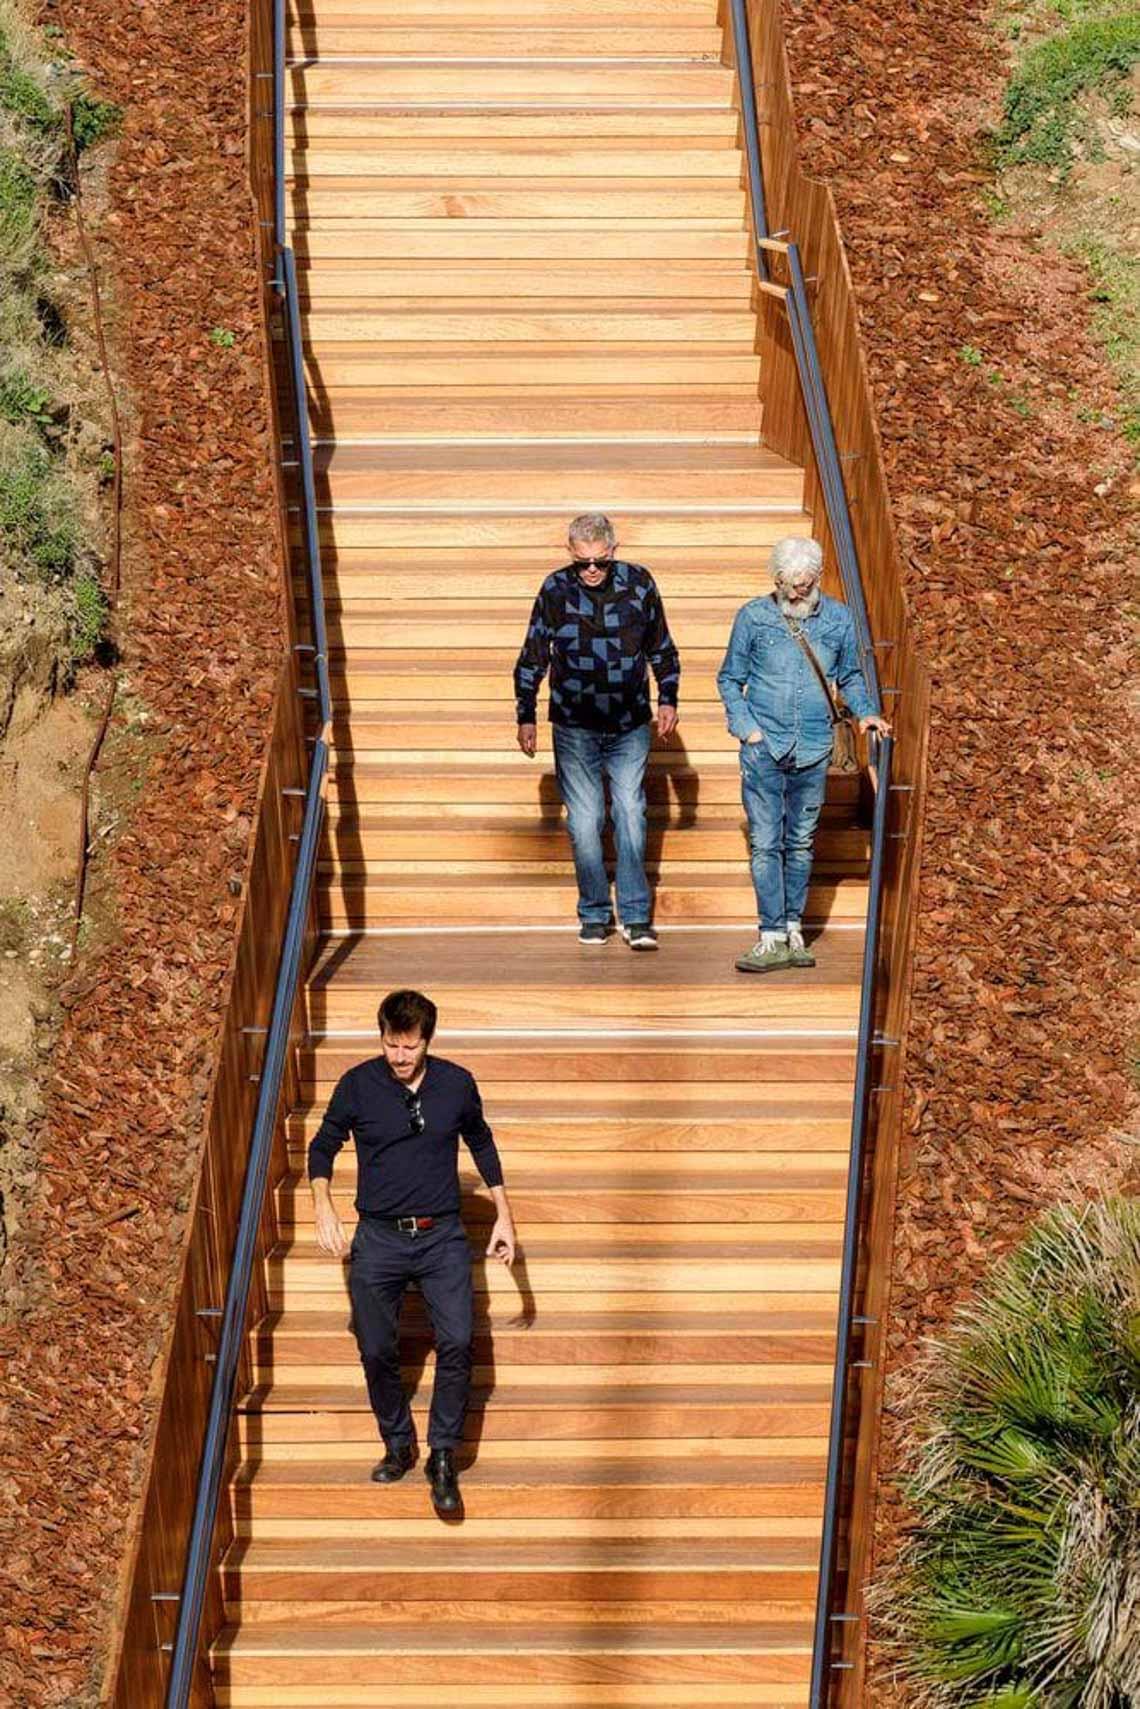 10 công trình dạo bộ ven biển giúp chống ngập cho các thành phố -2